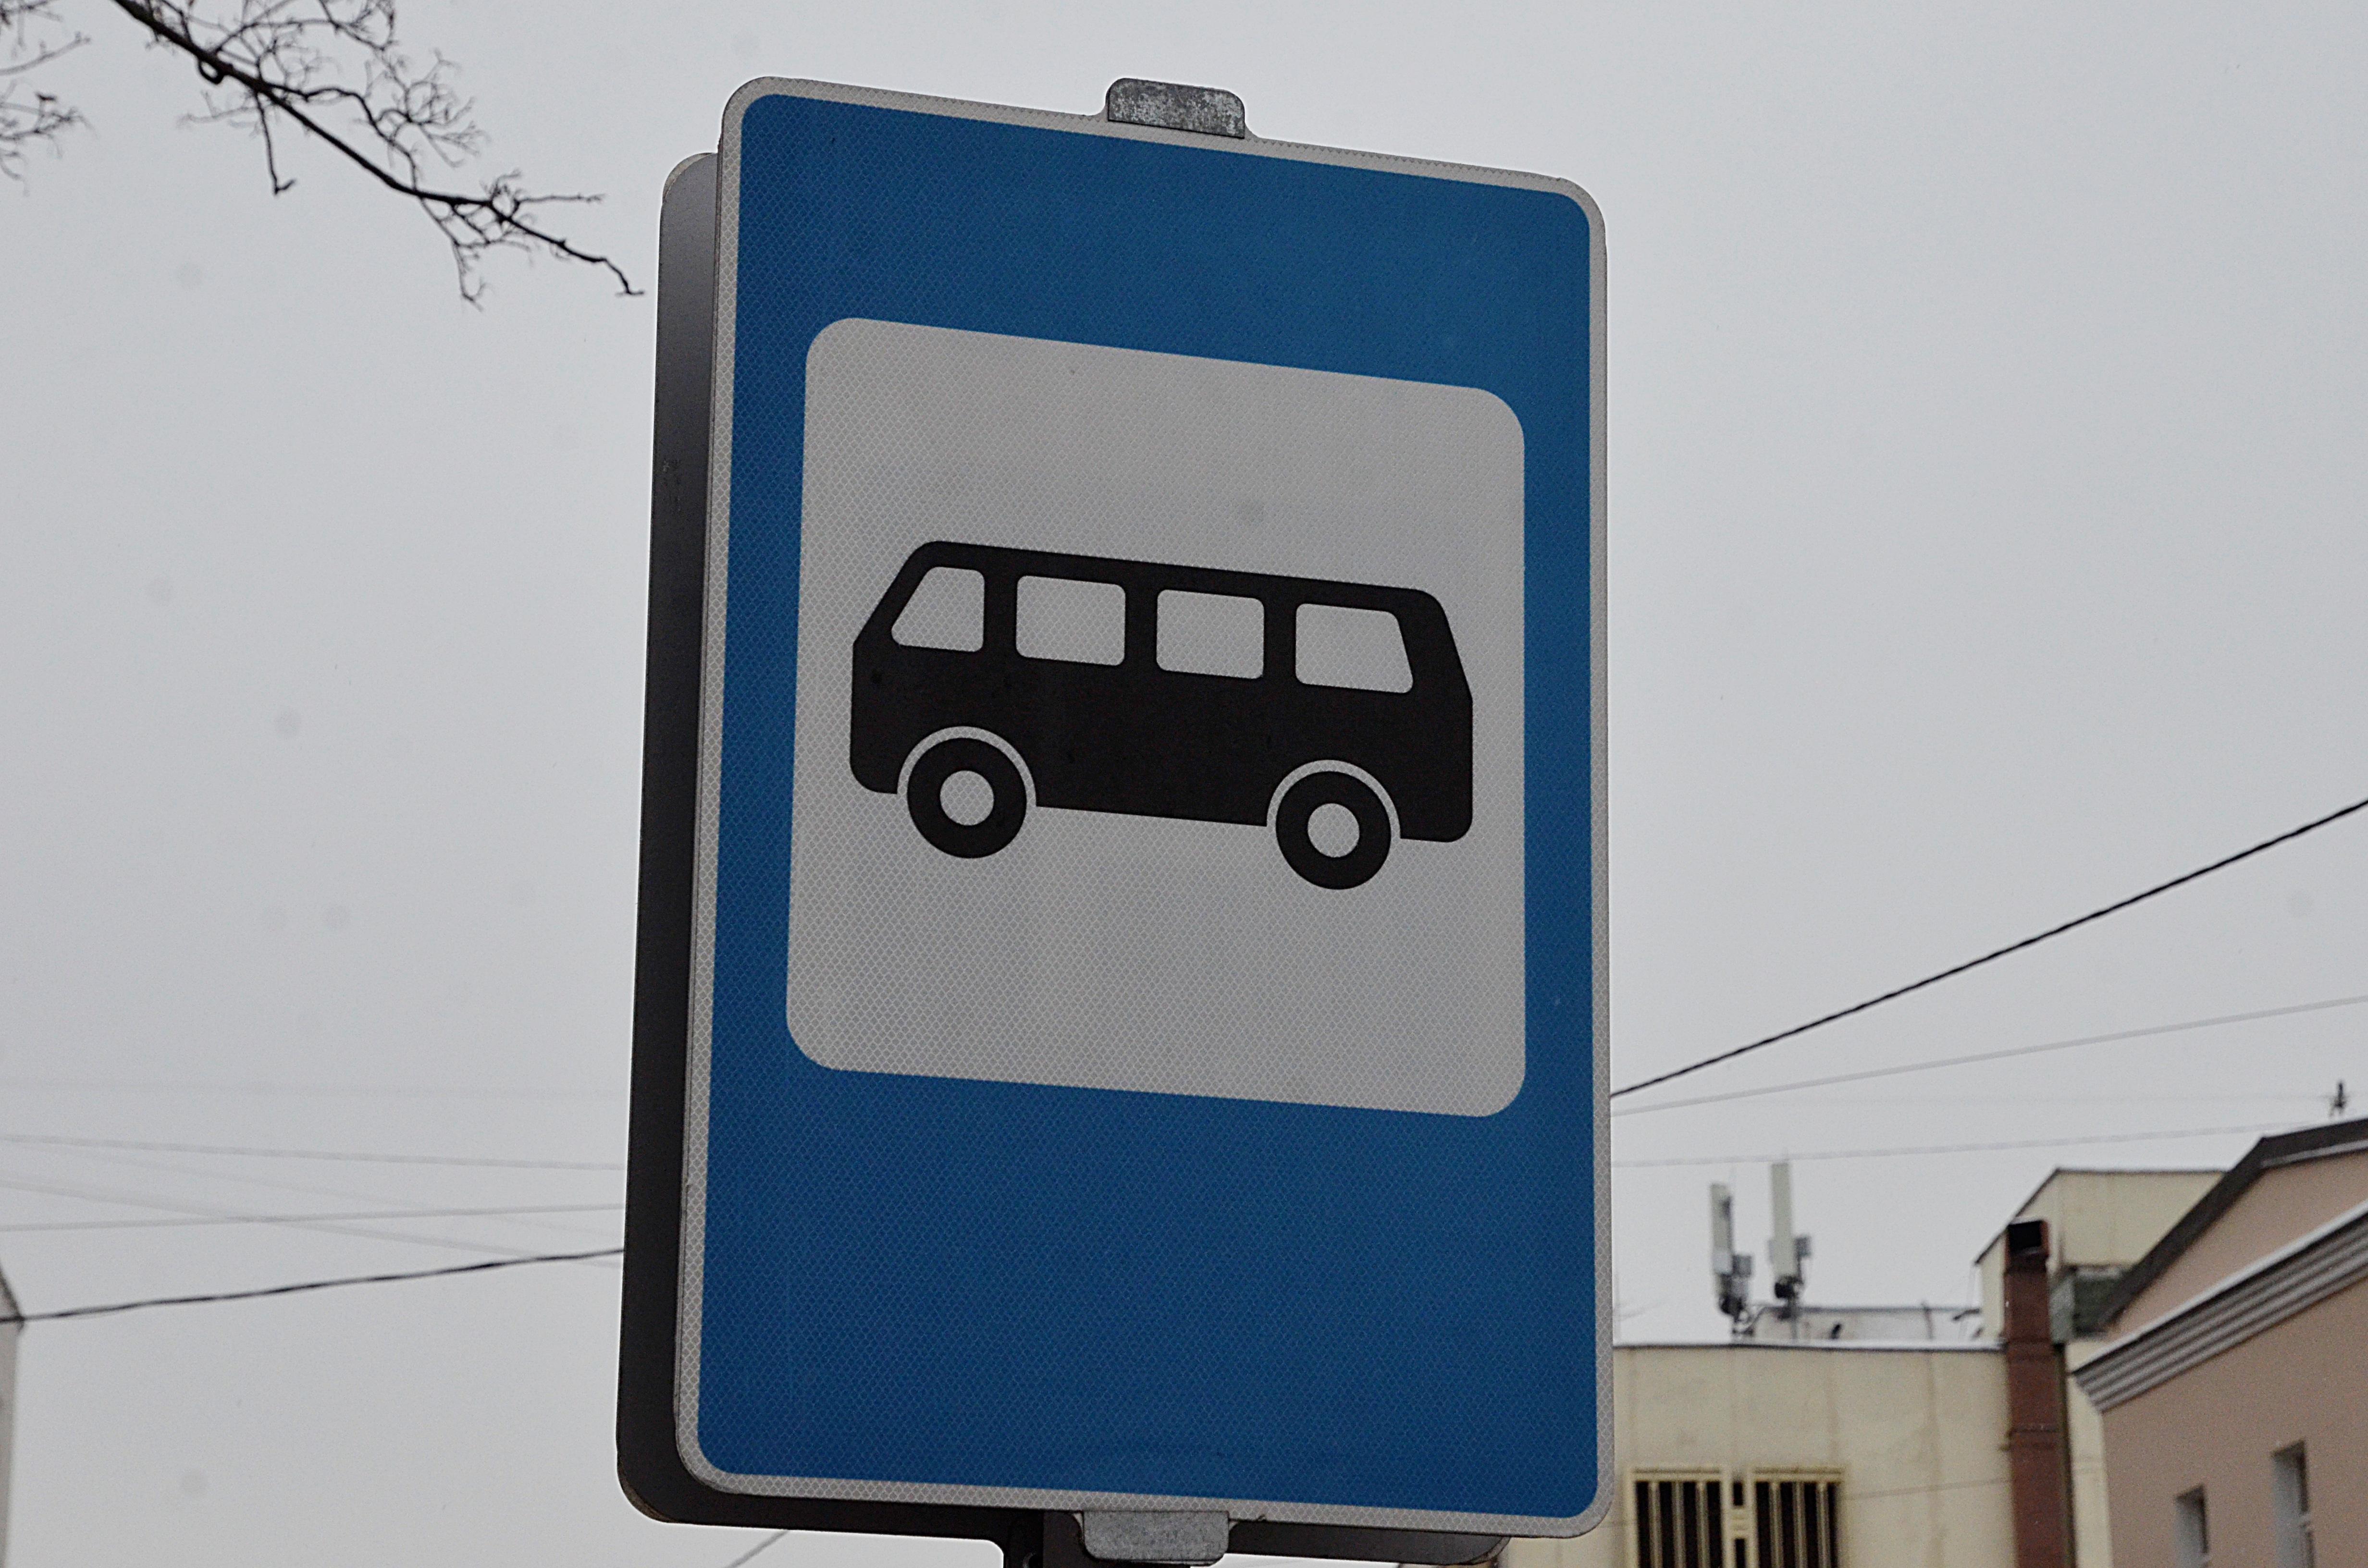 Проверку остановочных пунктов общественного транспорта провели в Филимонковском